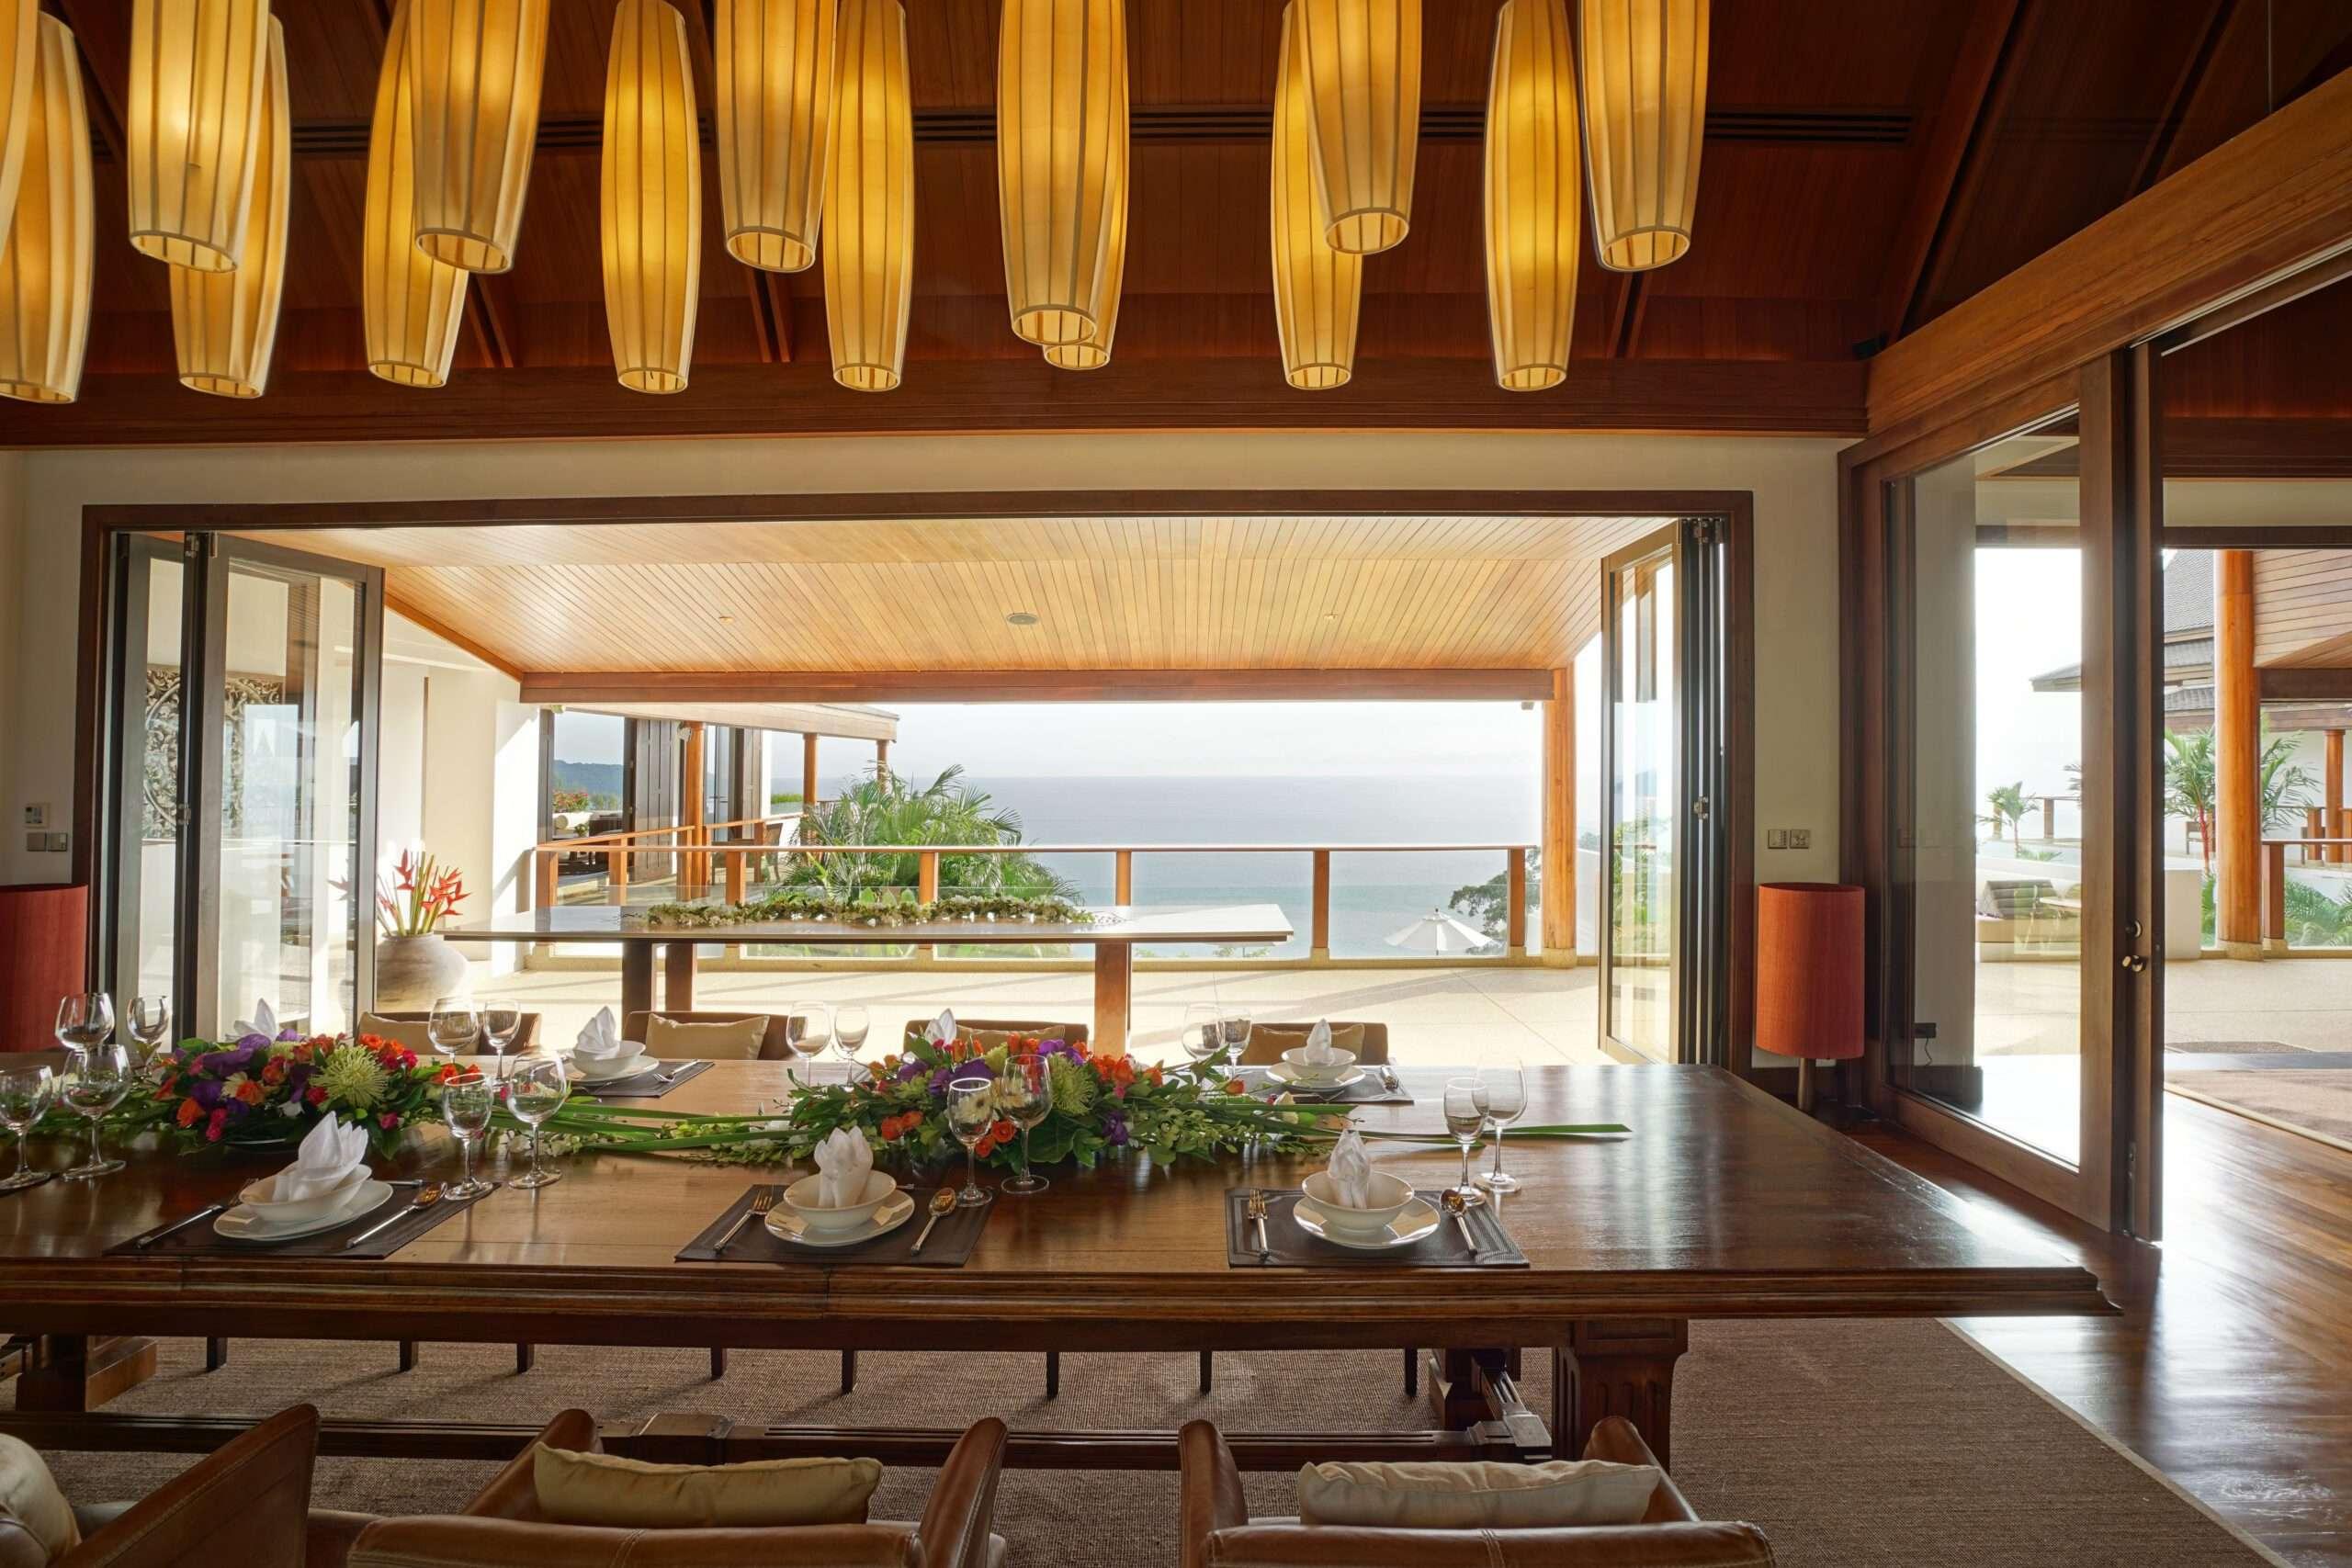 Dining room at Villa Aye in Phuket, Thailand